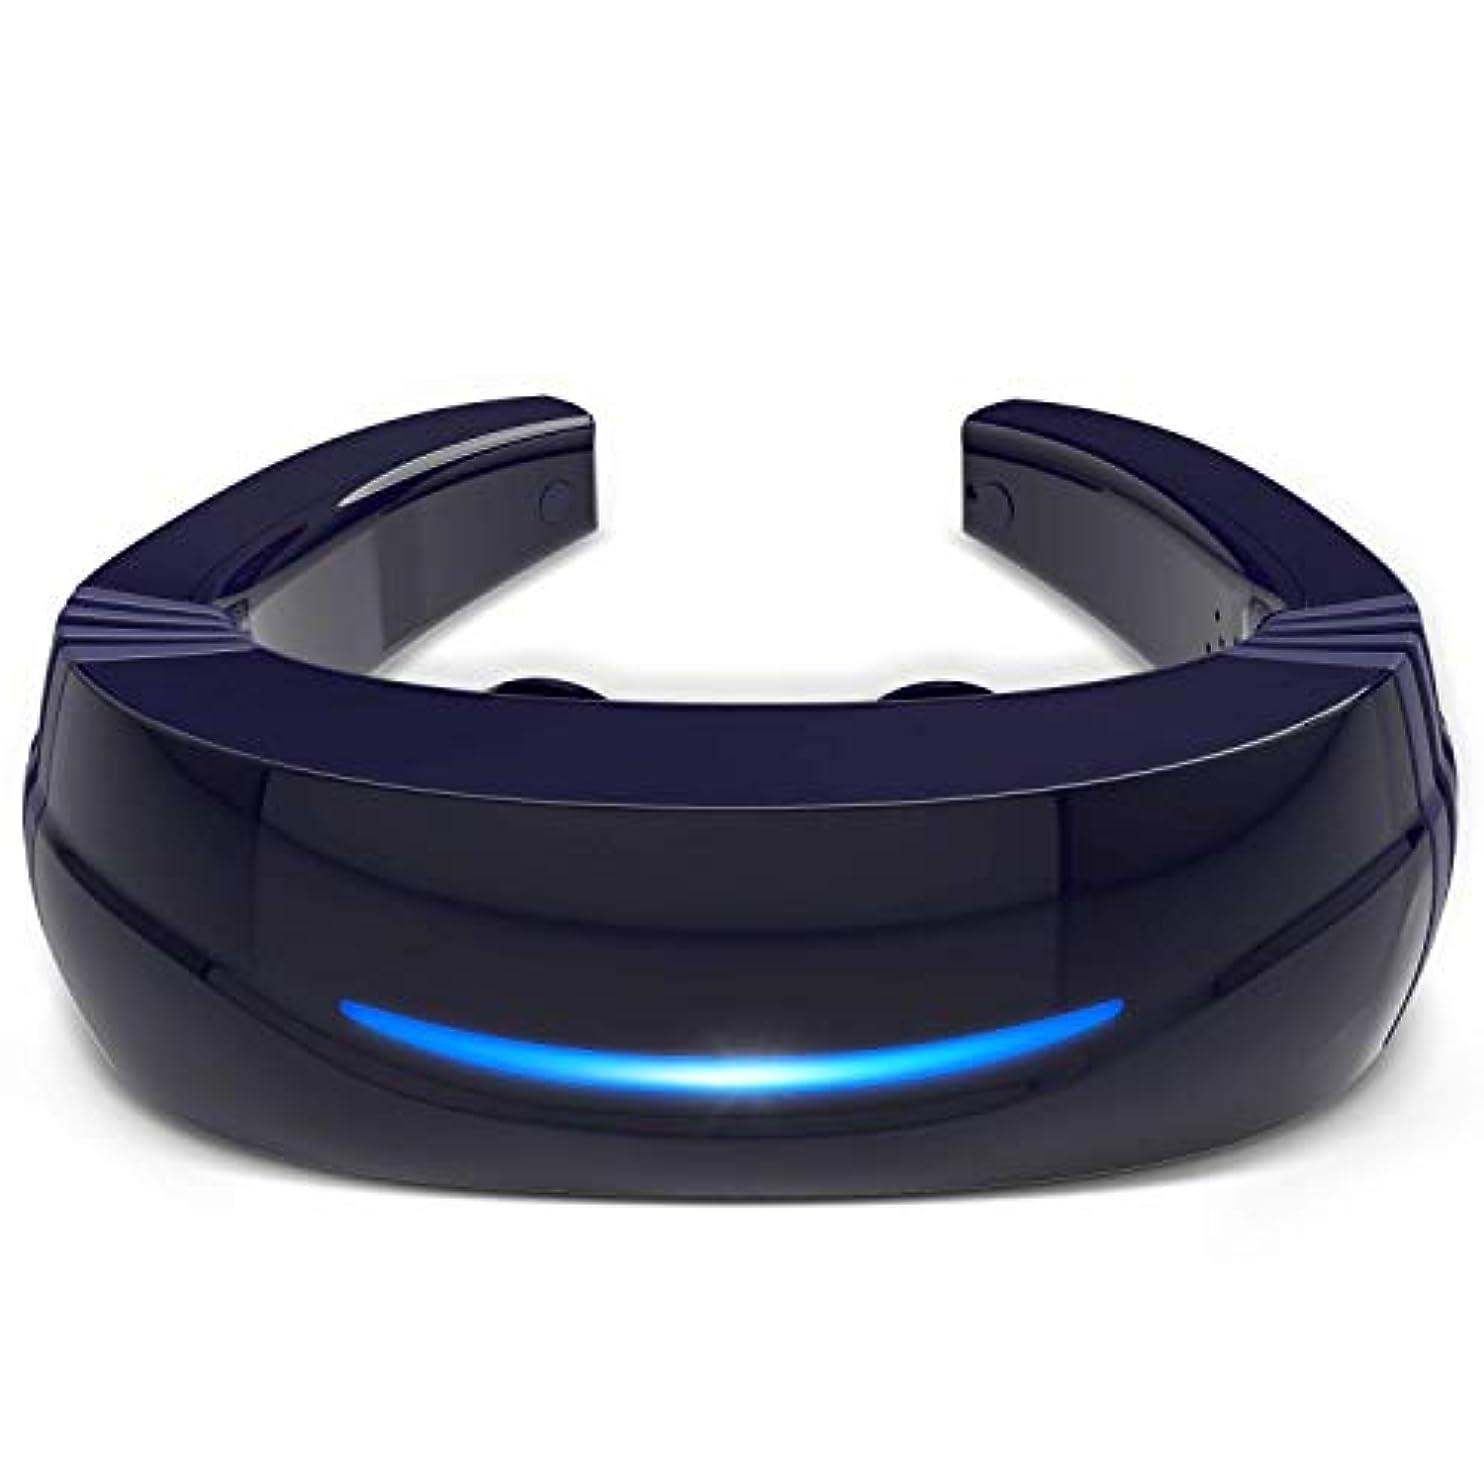 誰も癒すコミットHipoo ネックマッサージャー 首マッサージ 低周波 マッサージ器 ストレス解消 USB充電式 日本語説明書 電極パッド2つ付き 音声式